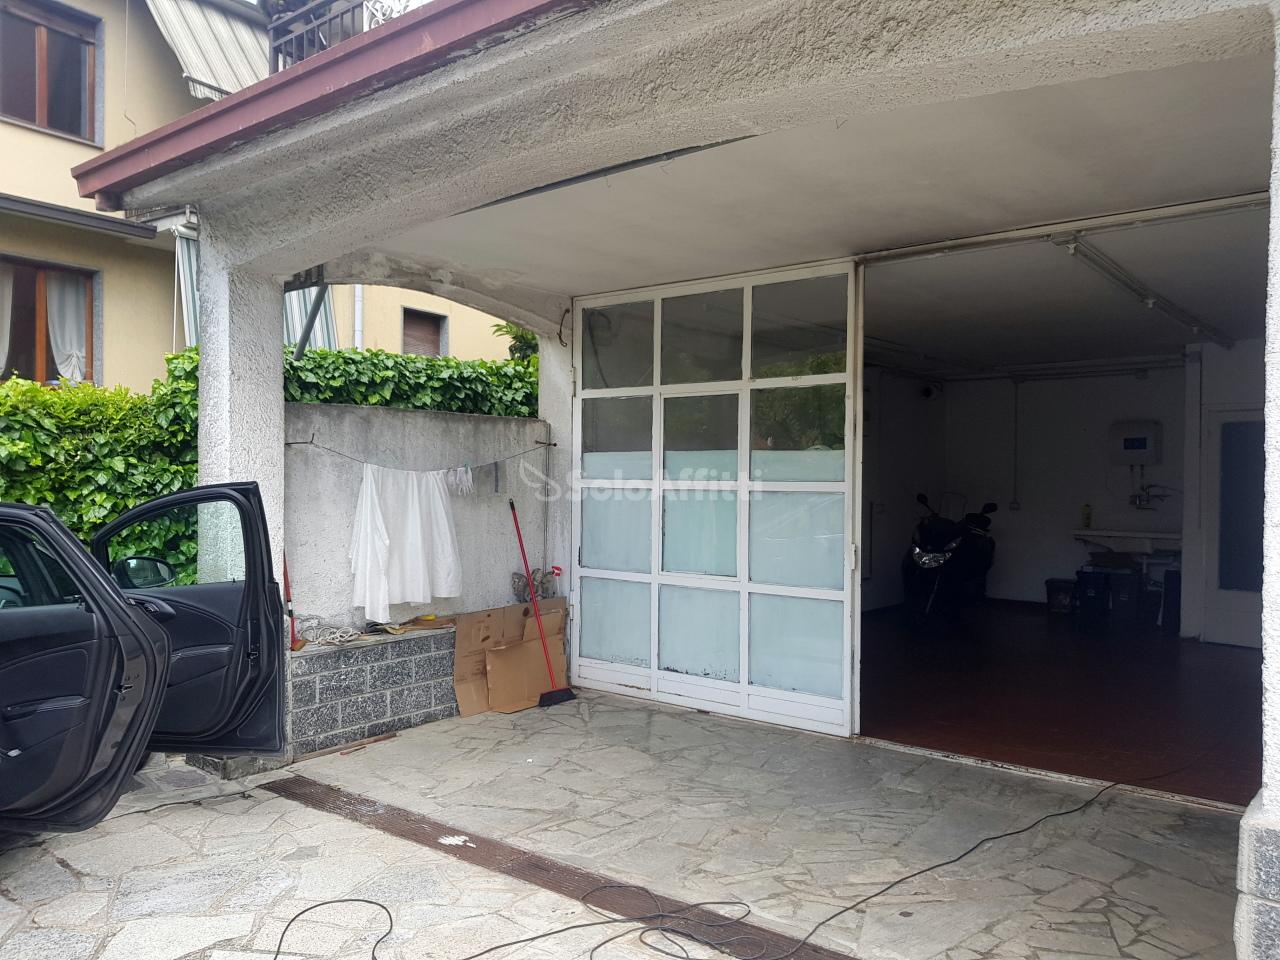 Laboratorio in affitto a Lipomo, 1 locali, prezzo € 250 | PortaleAgenzieImmobiliari.it